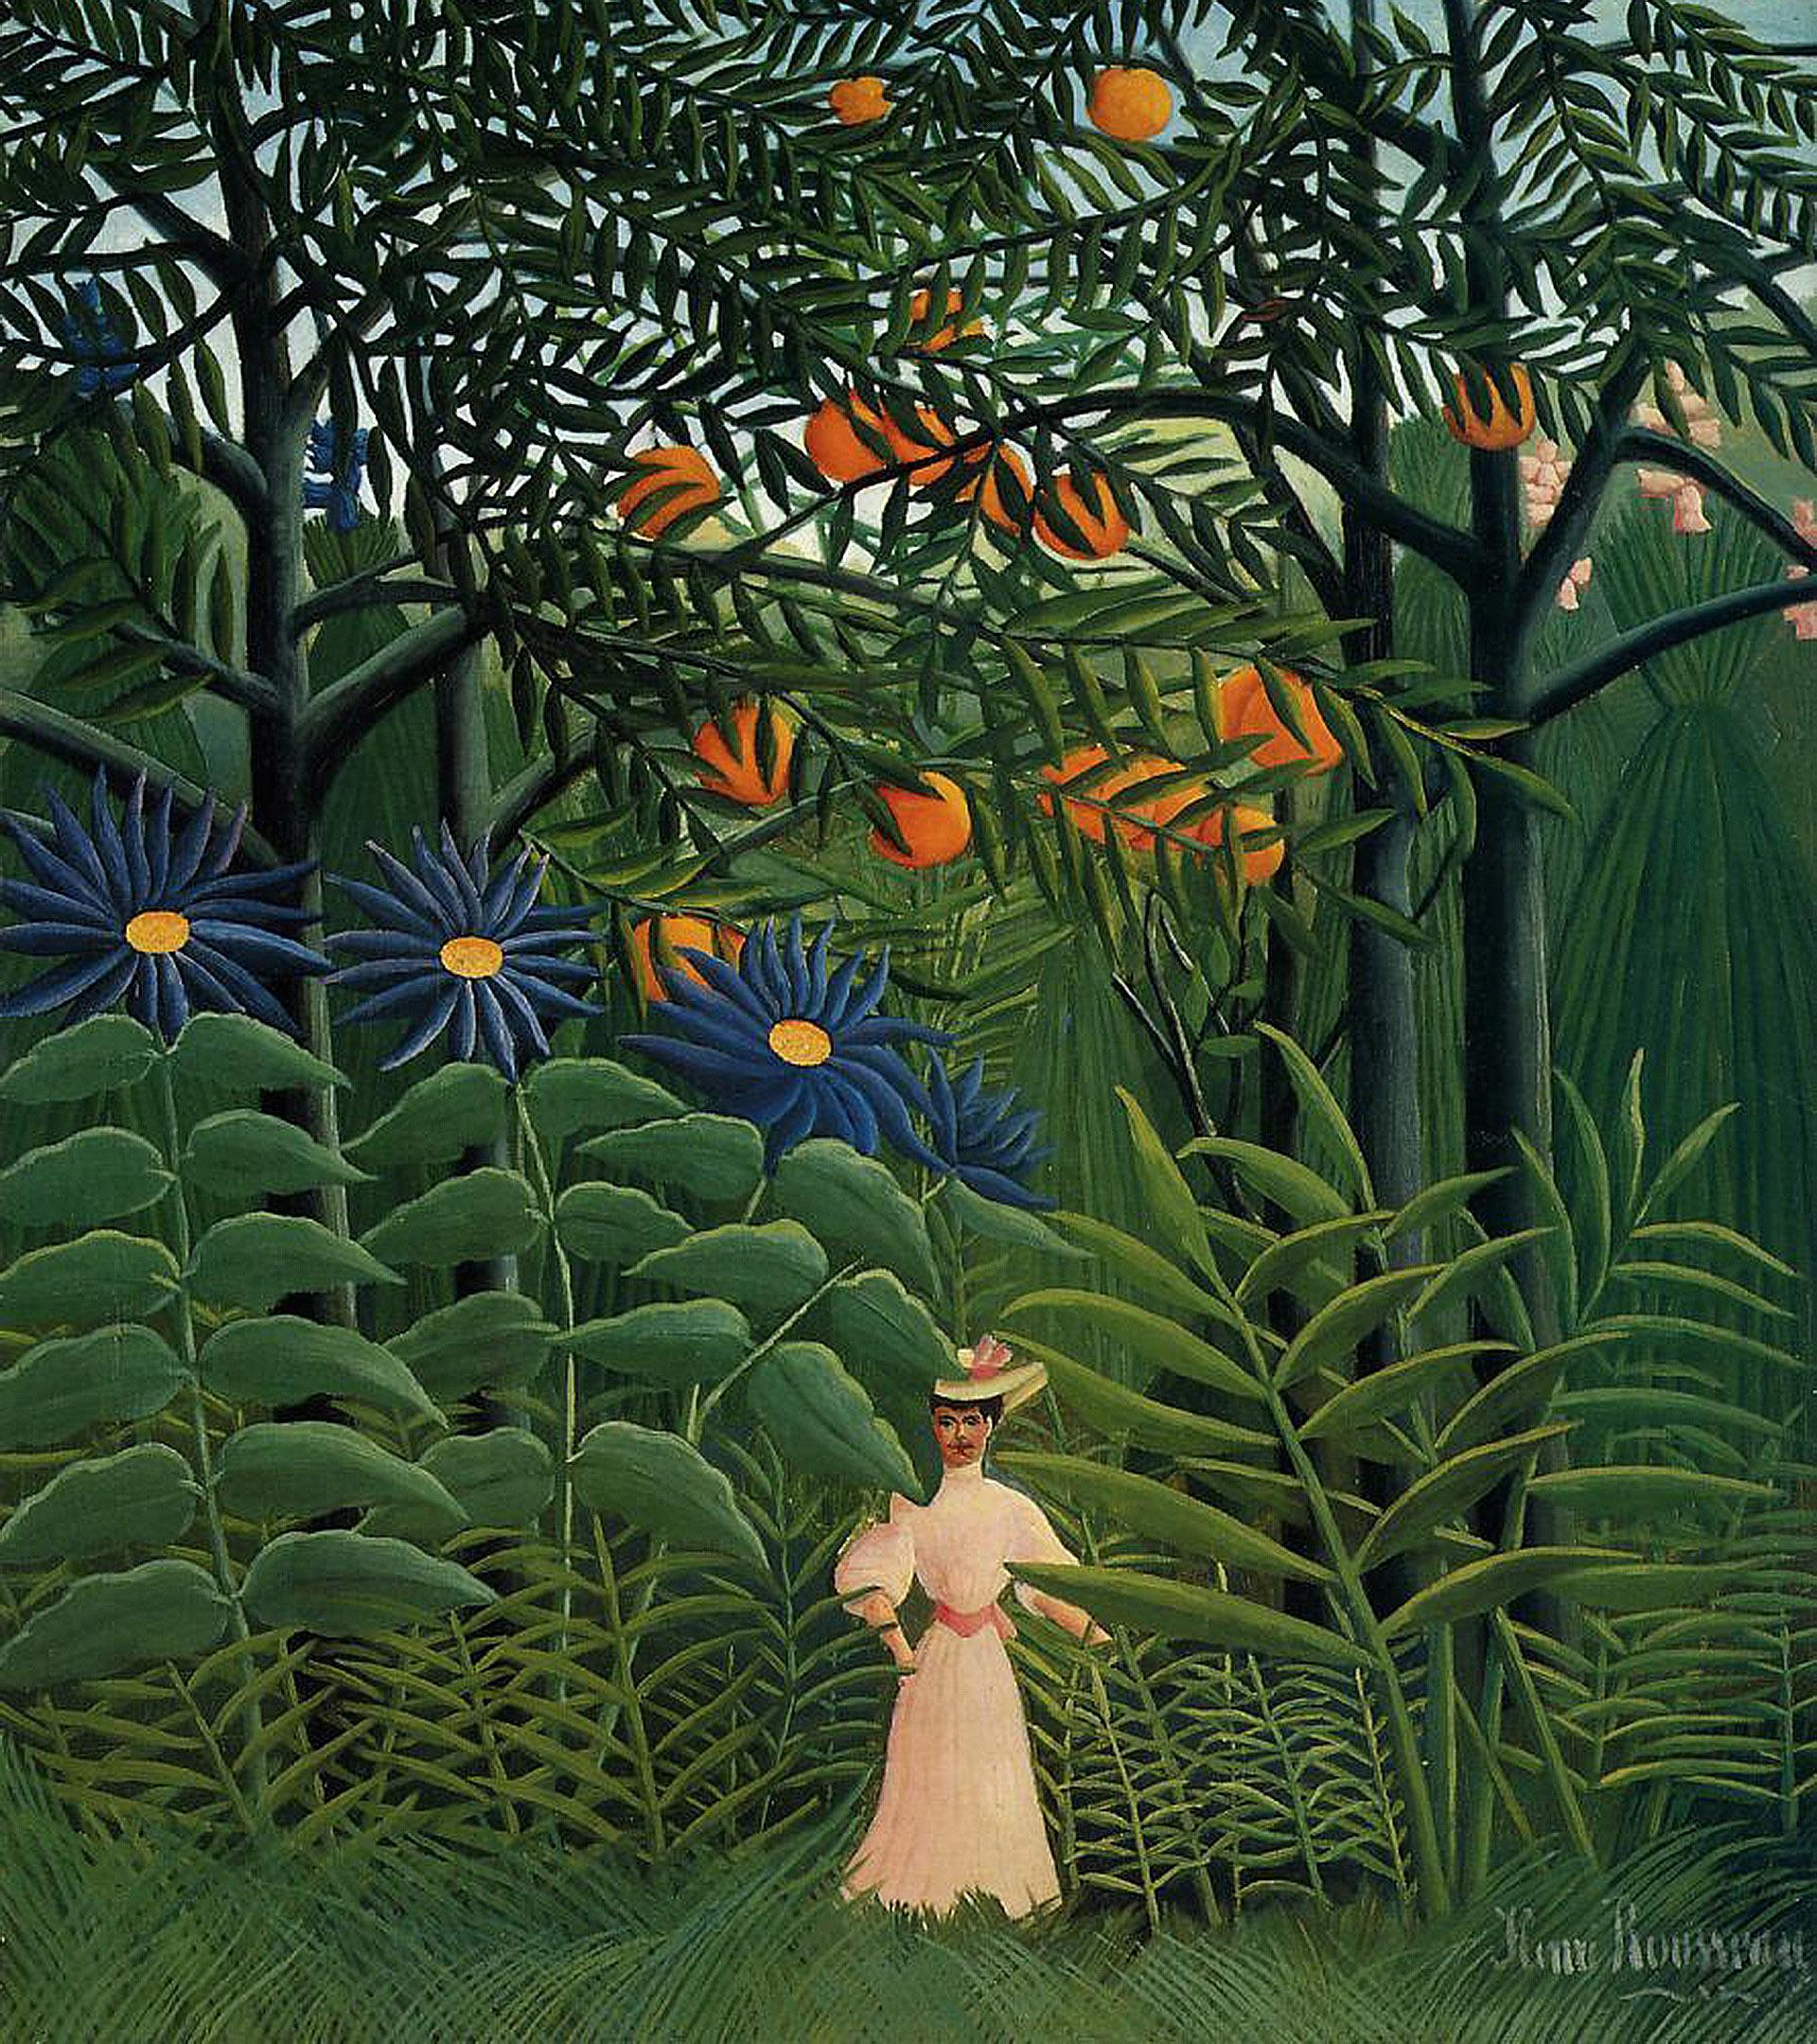 'Mujer caminando en un bosque exótico' (Henri Rousseau, 1905).